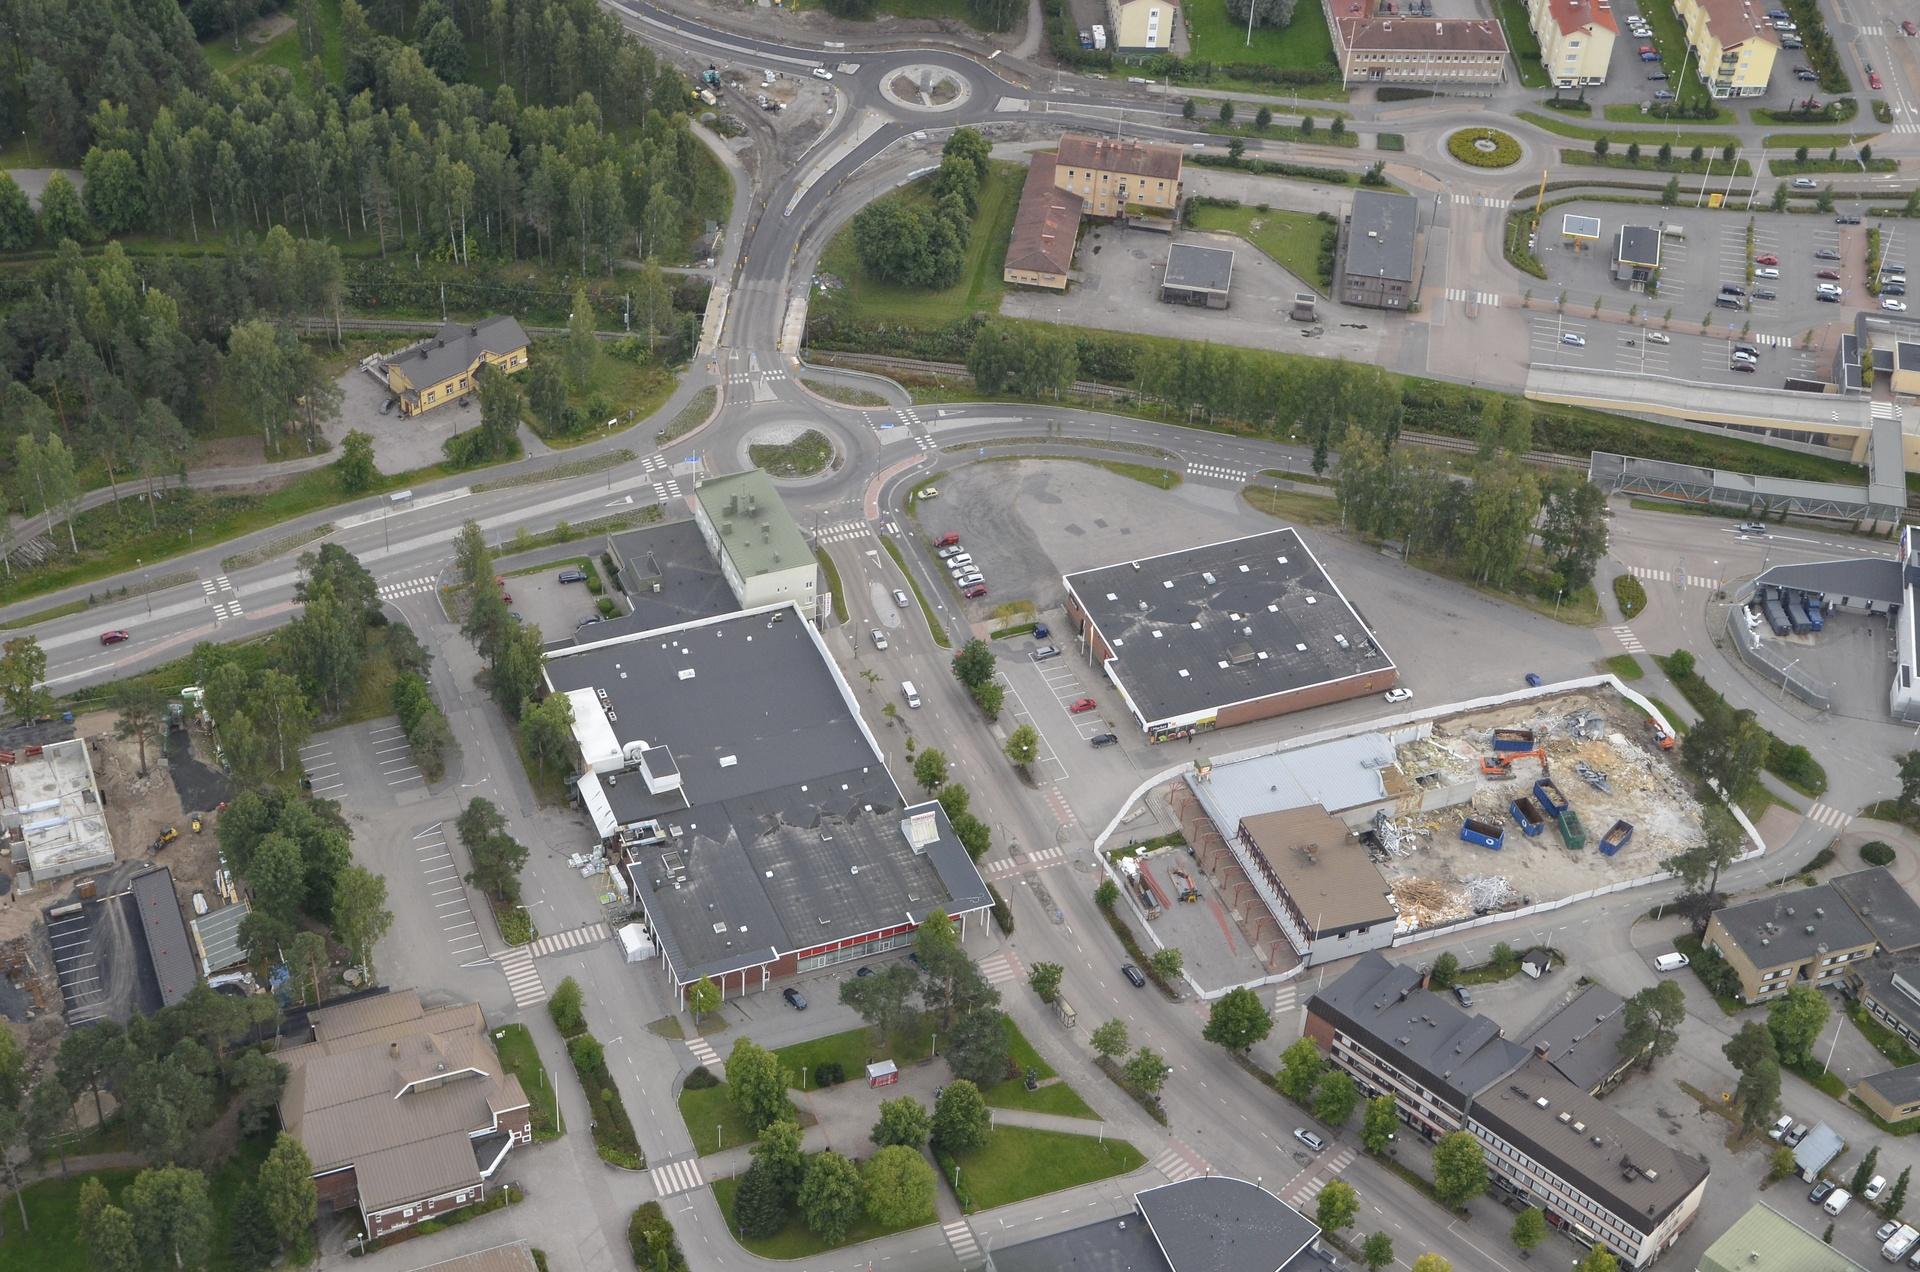 2017-09-02 Kylällä tapahtuu, Niskasen kiinteistöä puretaan.